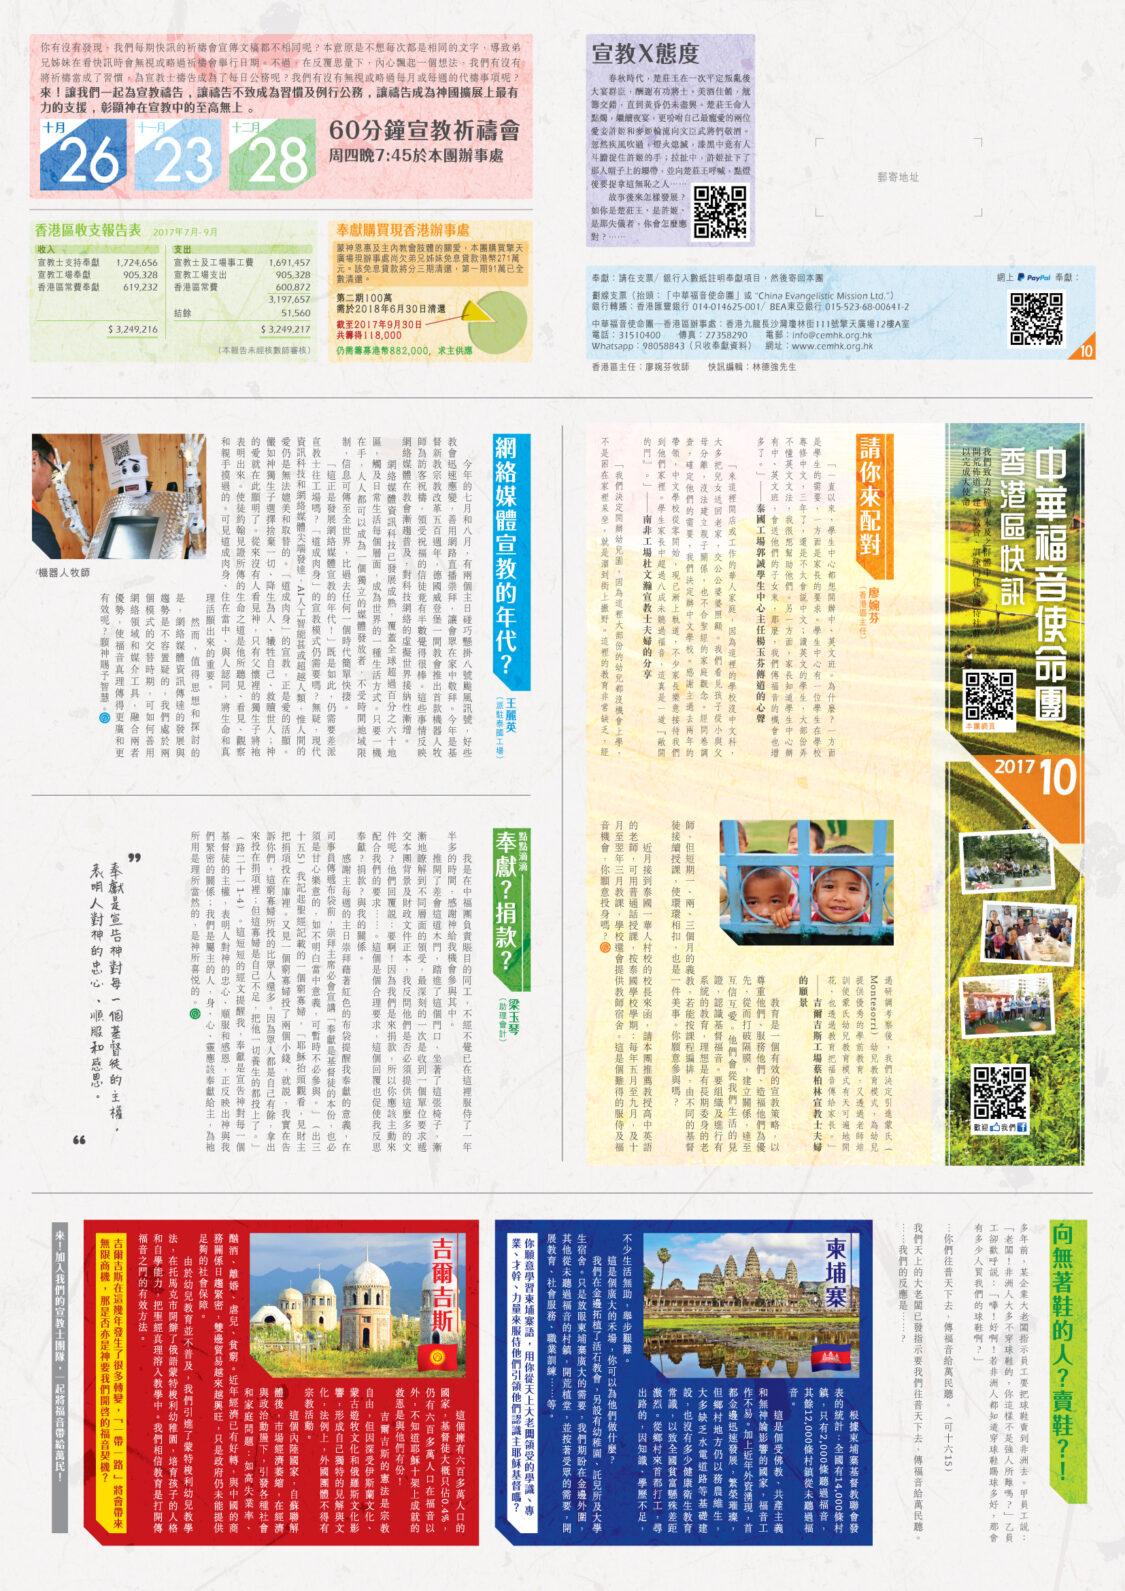 香港區快訊 2017(10)-01